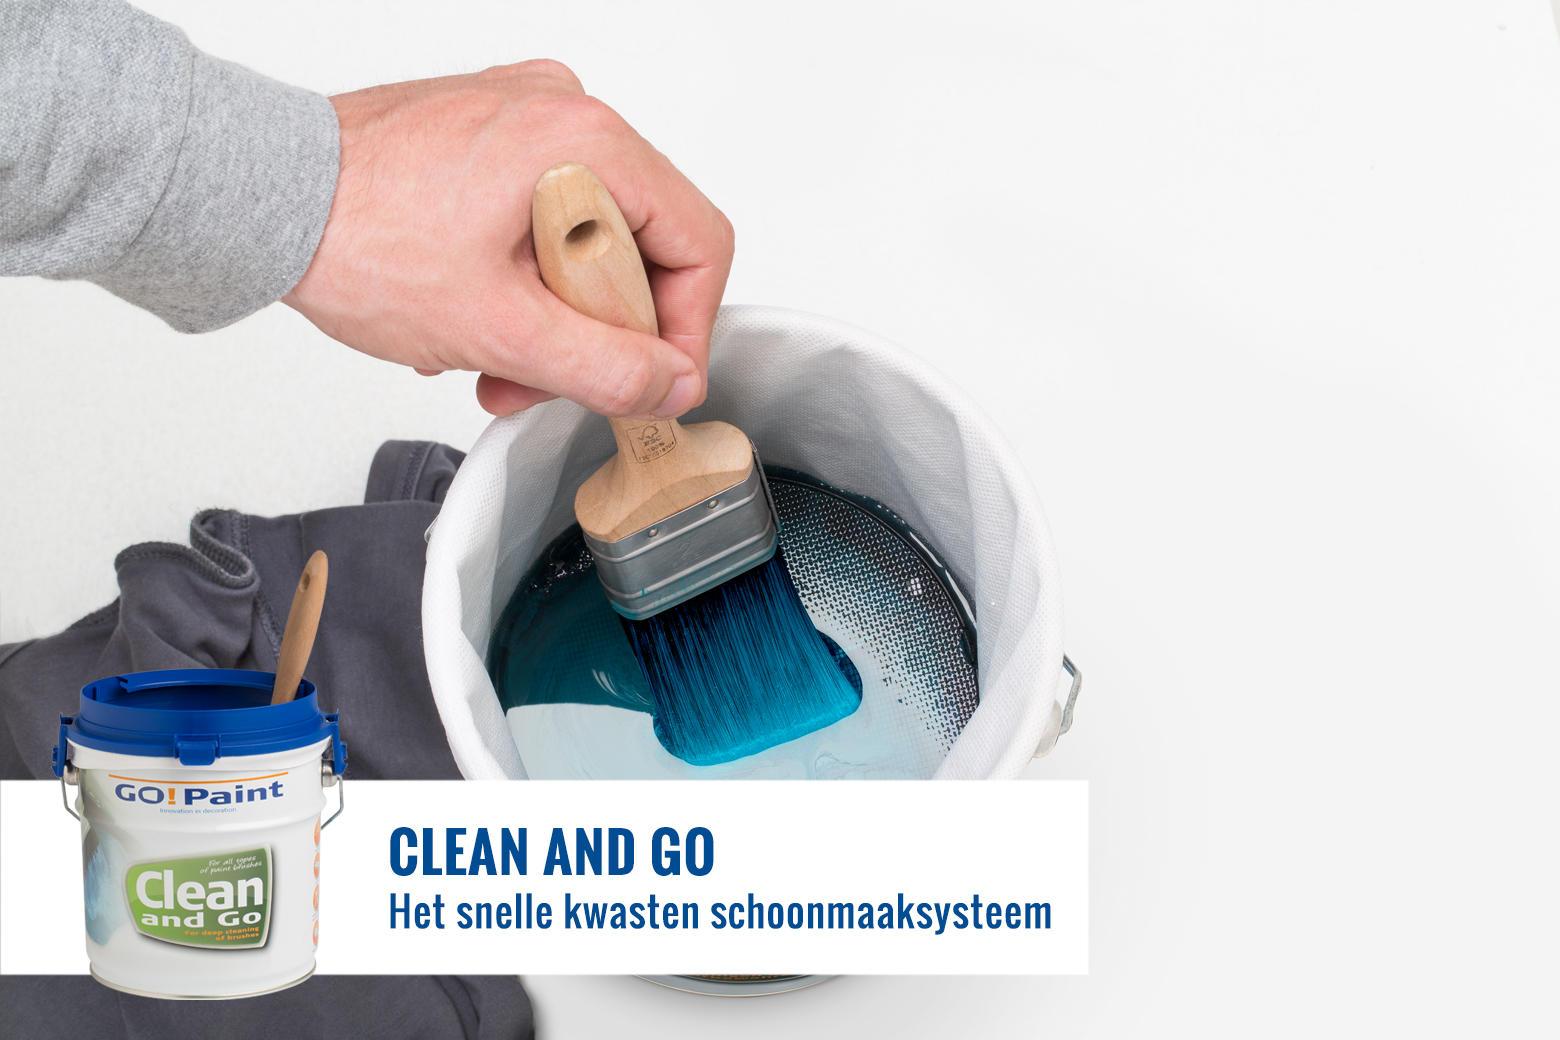 De verfkwast wordt snel en diep schoongemaakt door deze over de zeef heen en weer te bewegen.